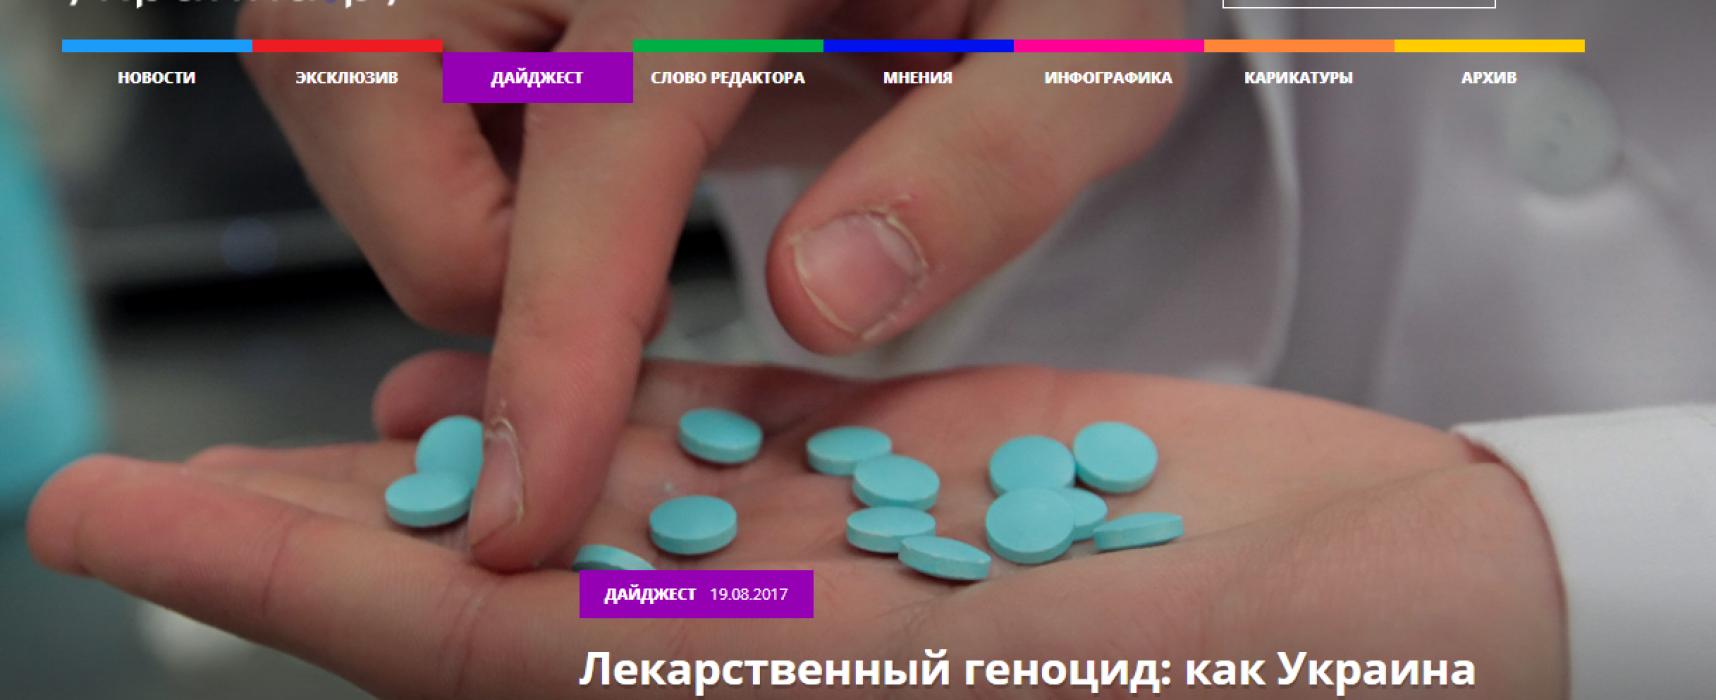 Fake: Ukraine begeht medizinischen Völkermord am ukrainischen Volk